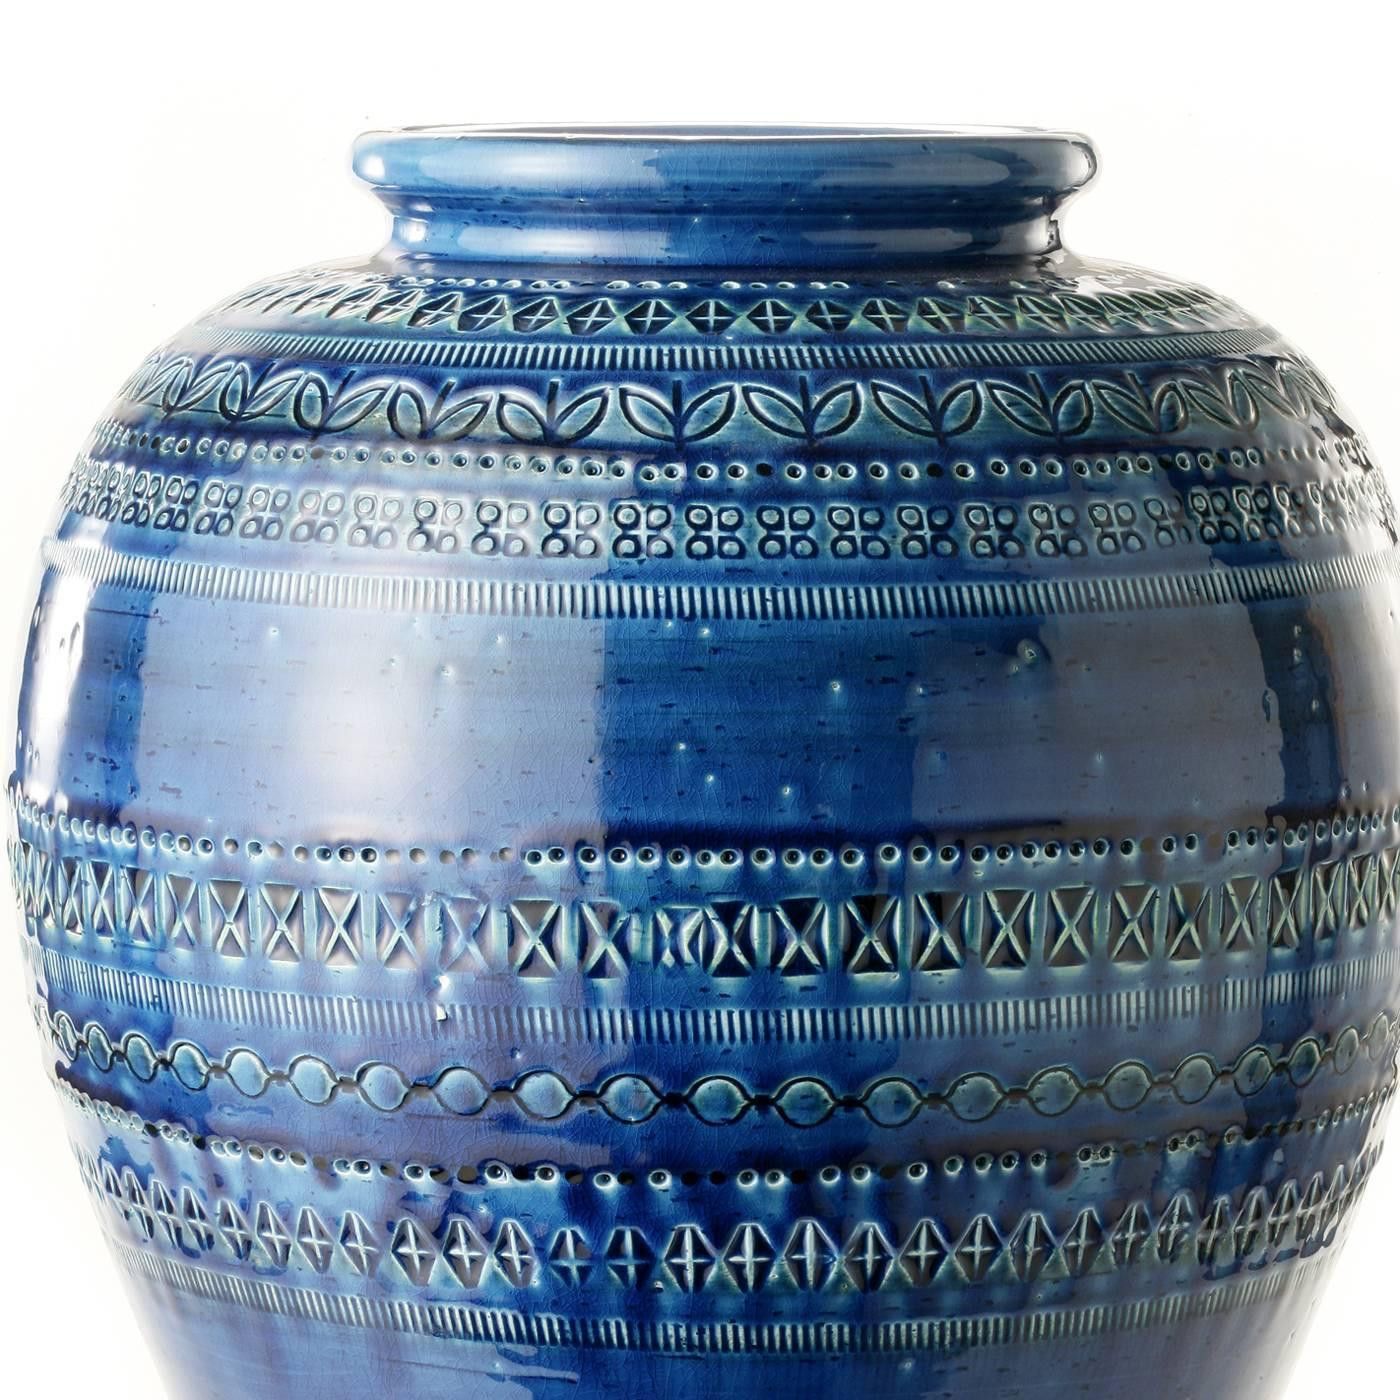 20 inch trumpet vases of blue vase by aldo londi for sale at 1stdibs for bitofi 016 a20161012 25813 msuj0j z